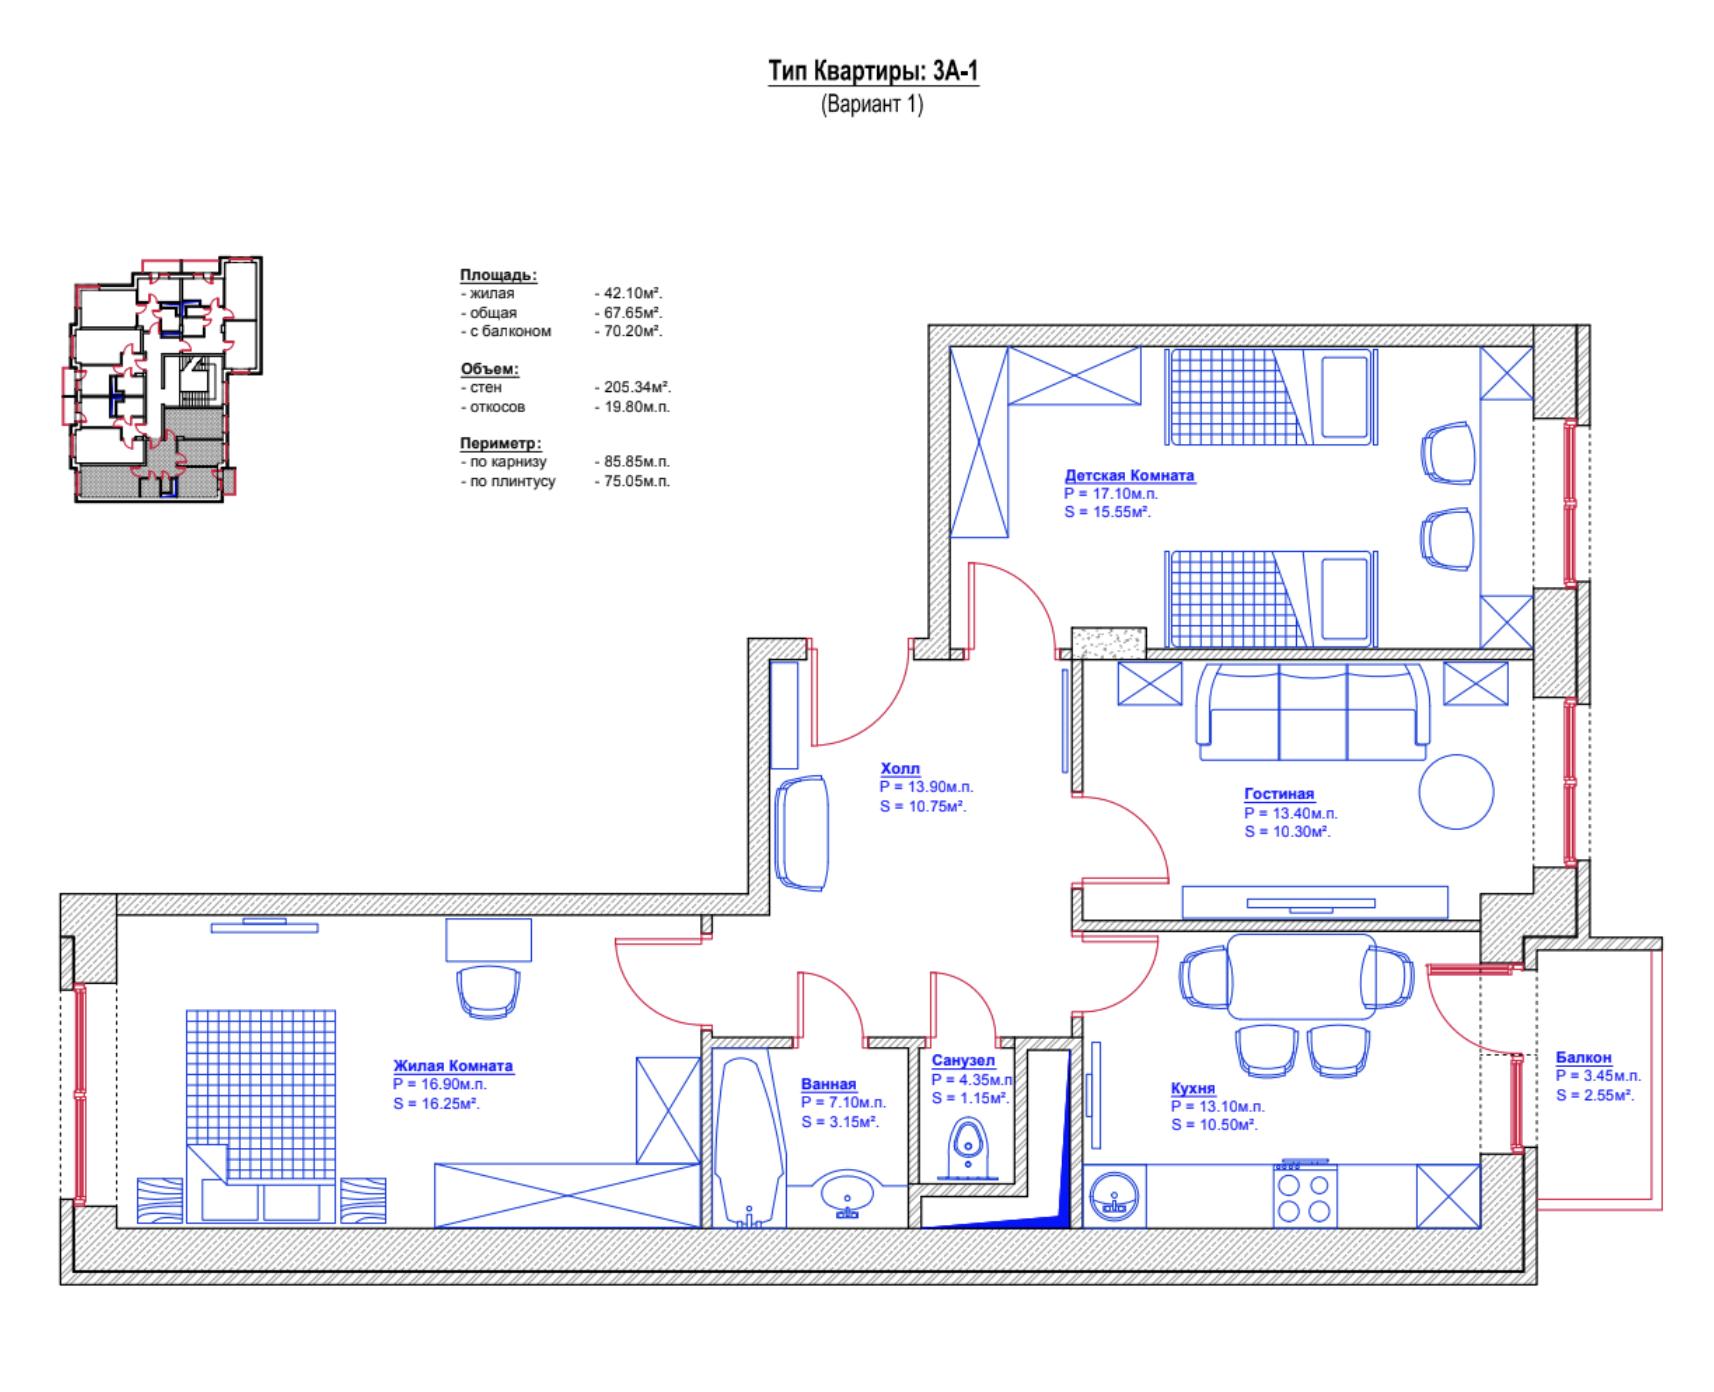 Так выглядел план квартиры отзастройщика. Было ещесемь вариантов планировок, номывыбрали этот, потомучто понему ненадо было сносить стены исогласовывать изменения